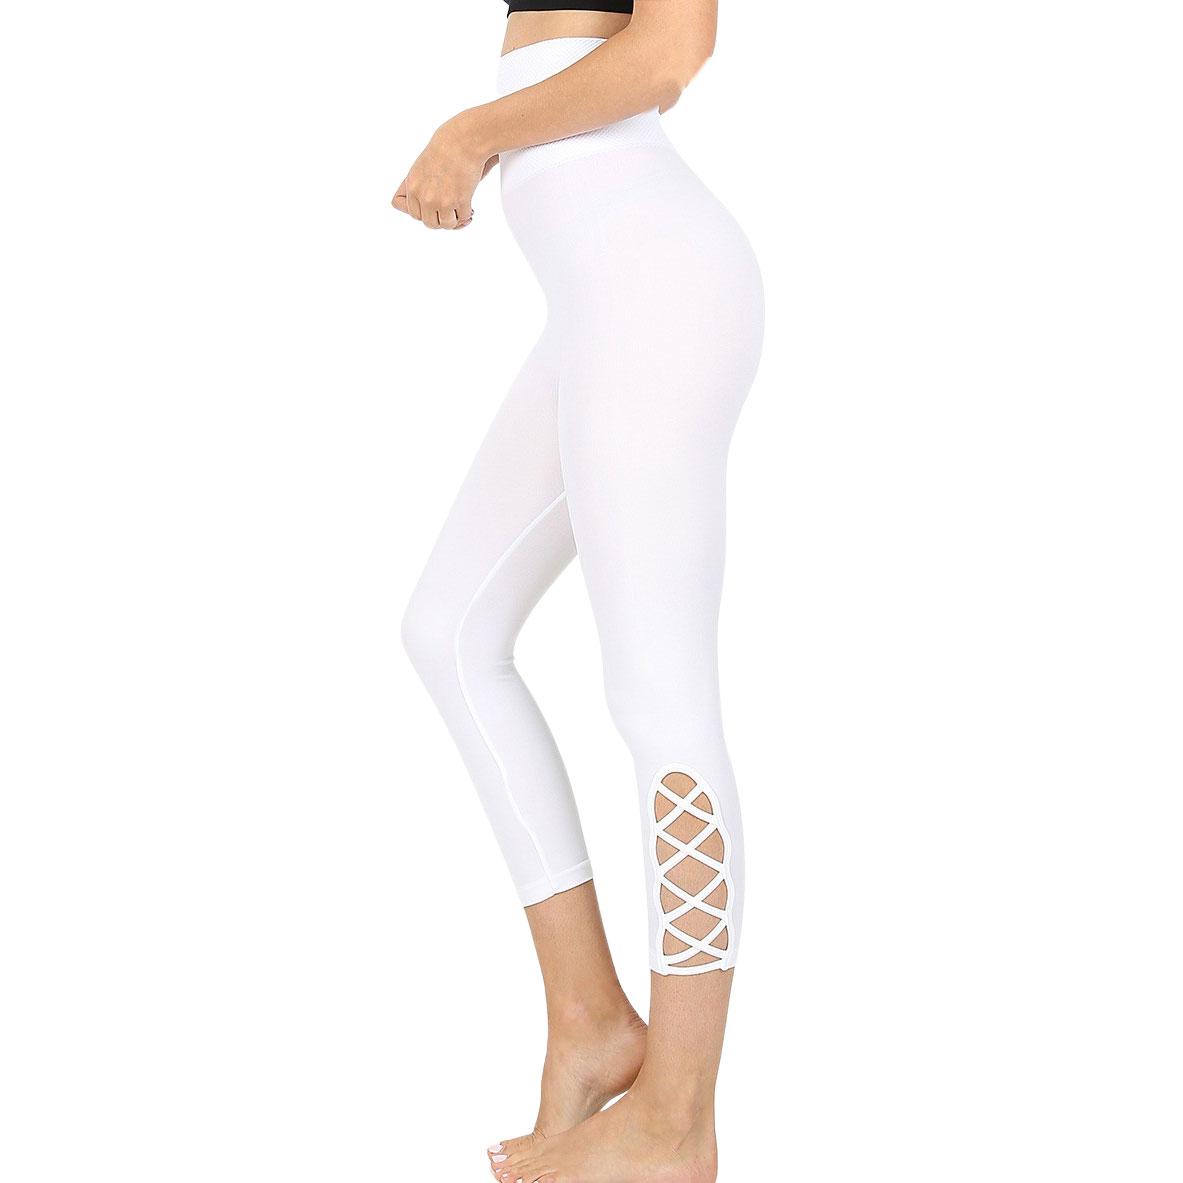 Leggings - White Lattice-Hem High Waist Capri 5658